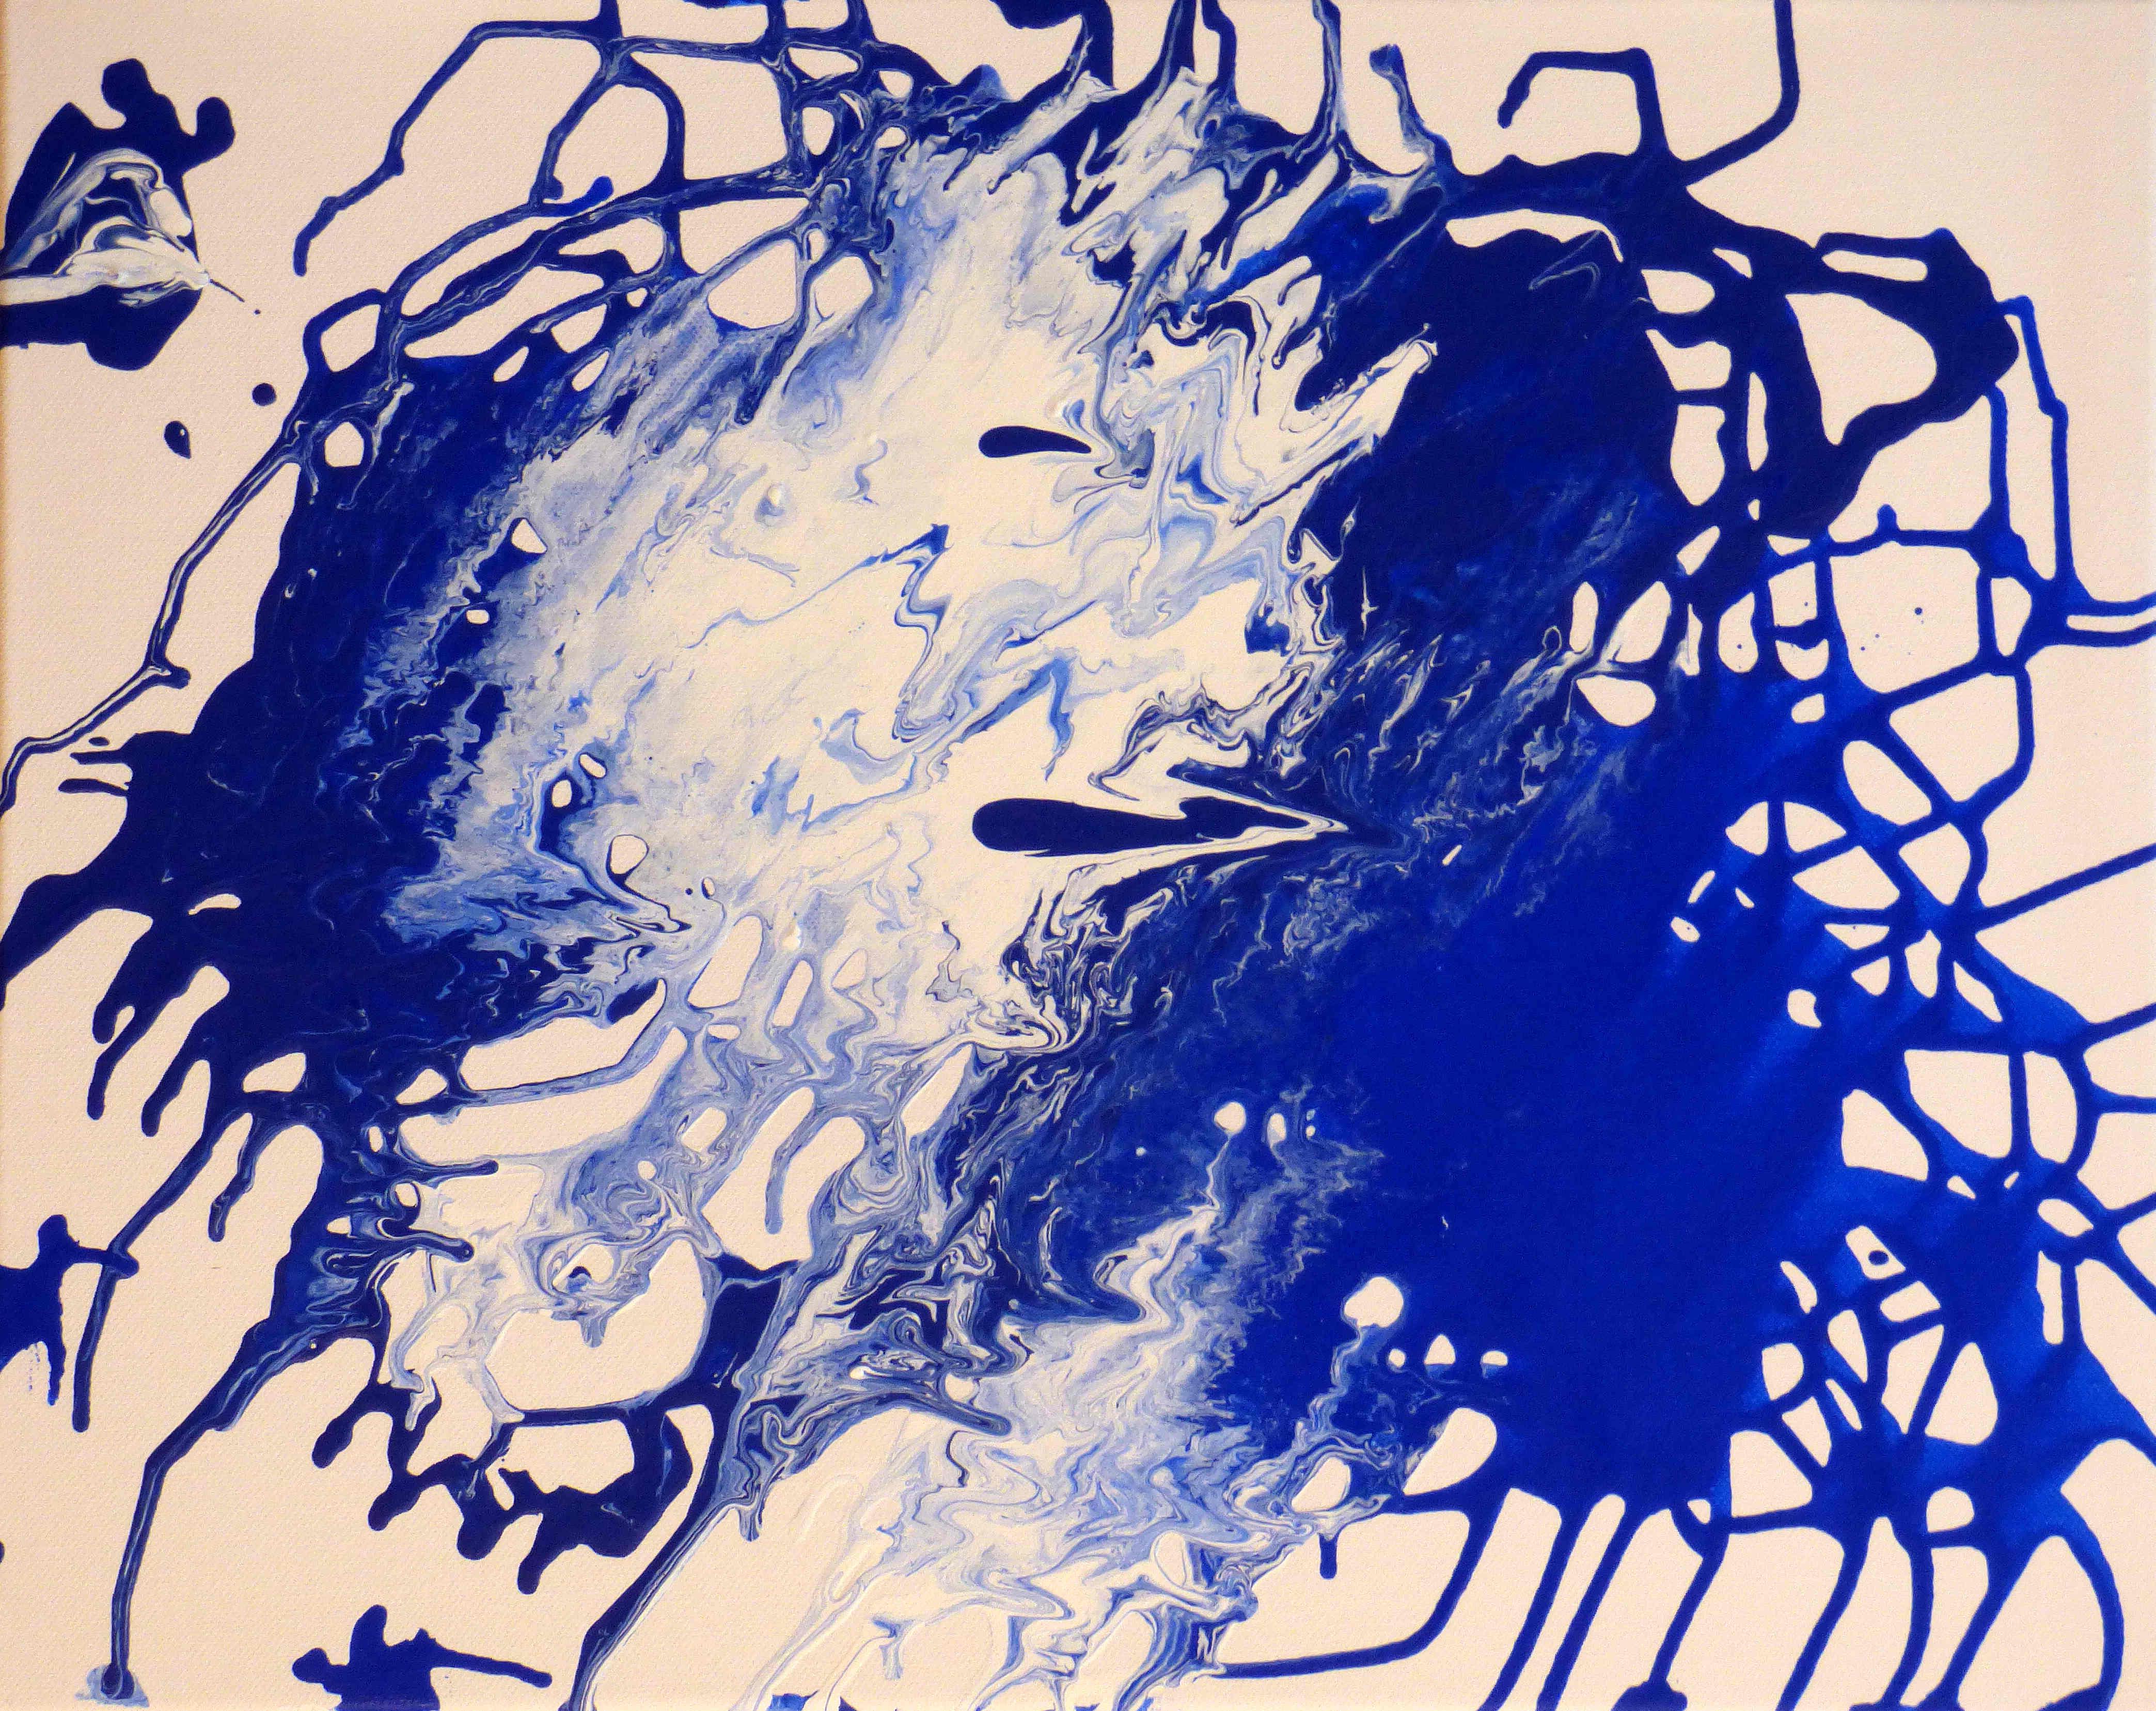 Eingedrungen!; Acryl auf Leinwand, 50 x 40 cm.JPG